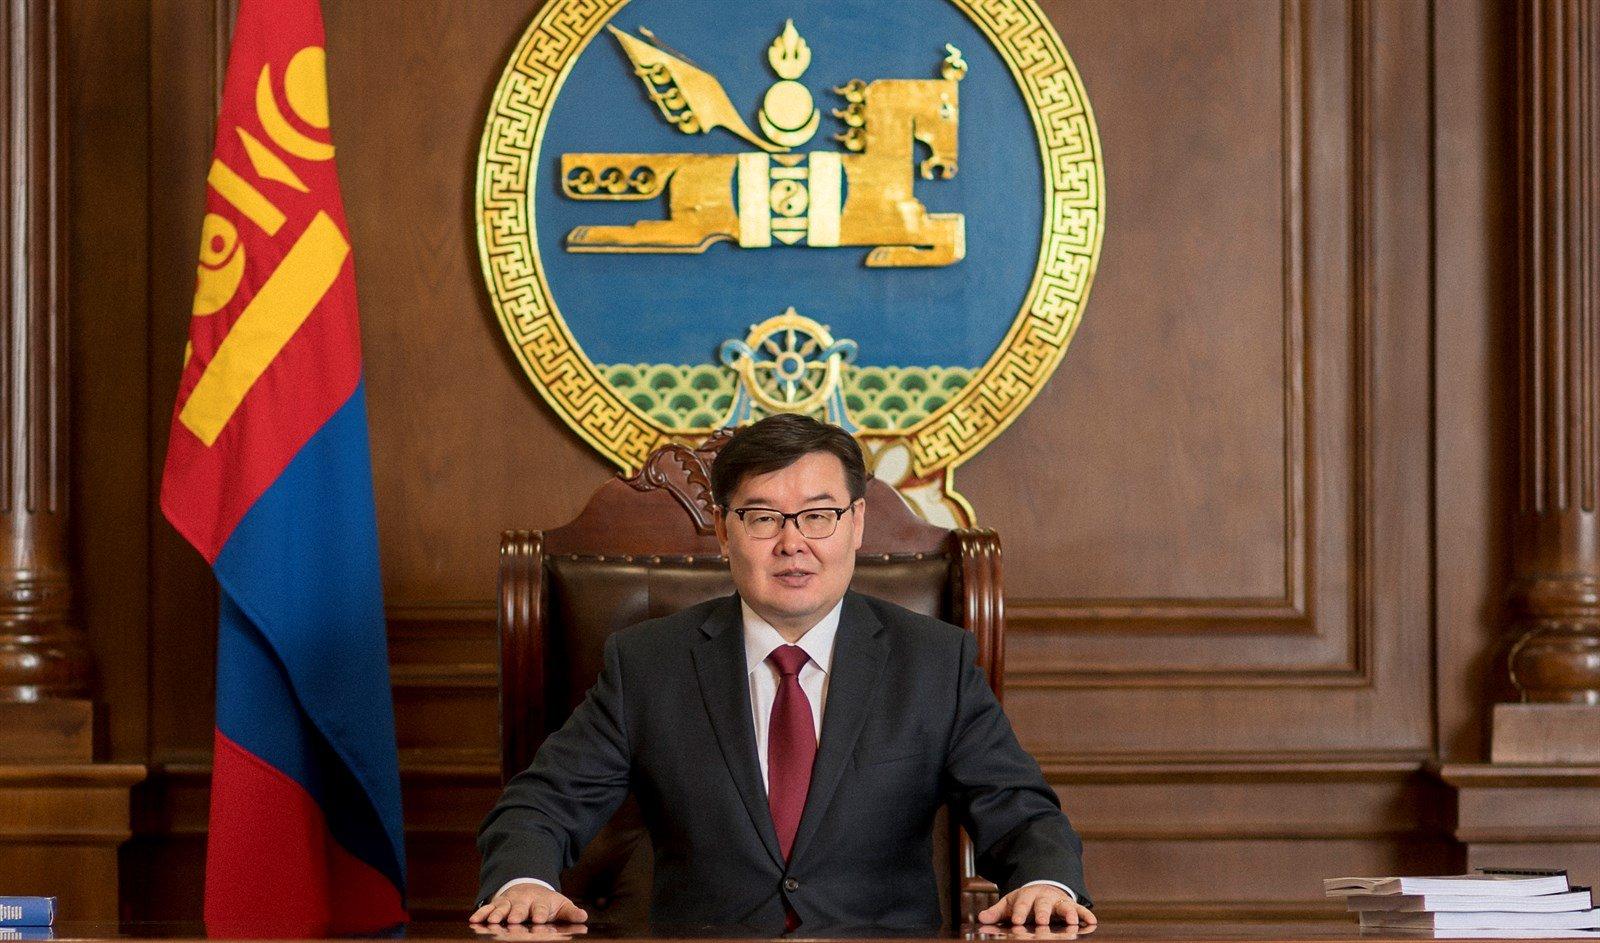 Монгол Улсын Их Хурлын дарга Г.Занданшатар Шинэ жилийн мэндчилгээ дэвшүүллээ